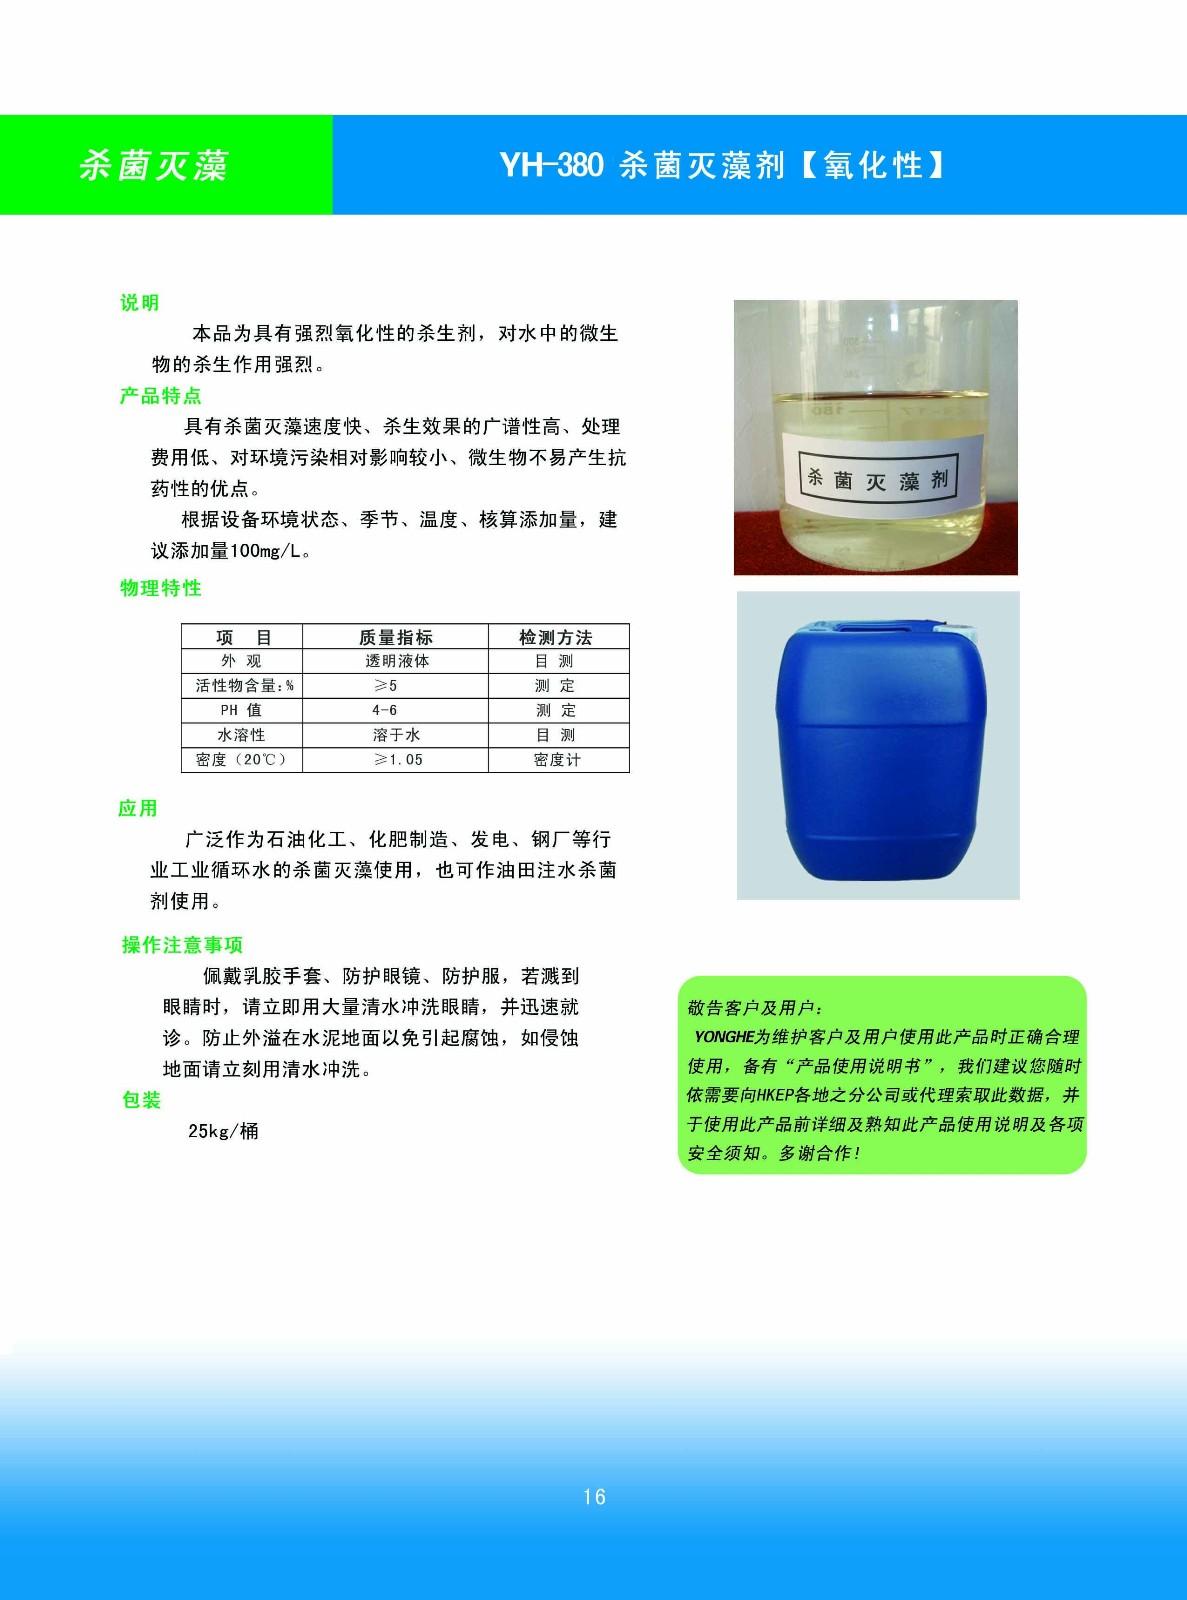 16  YH-380 氧化性杀菌灭藻剂.jpg